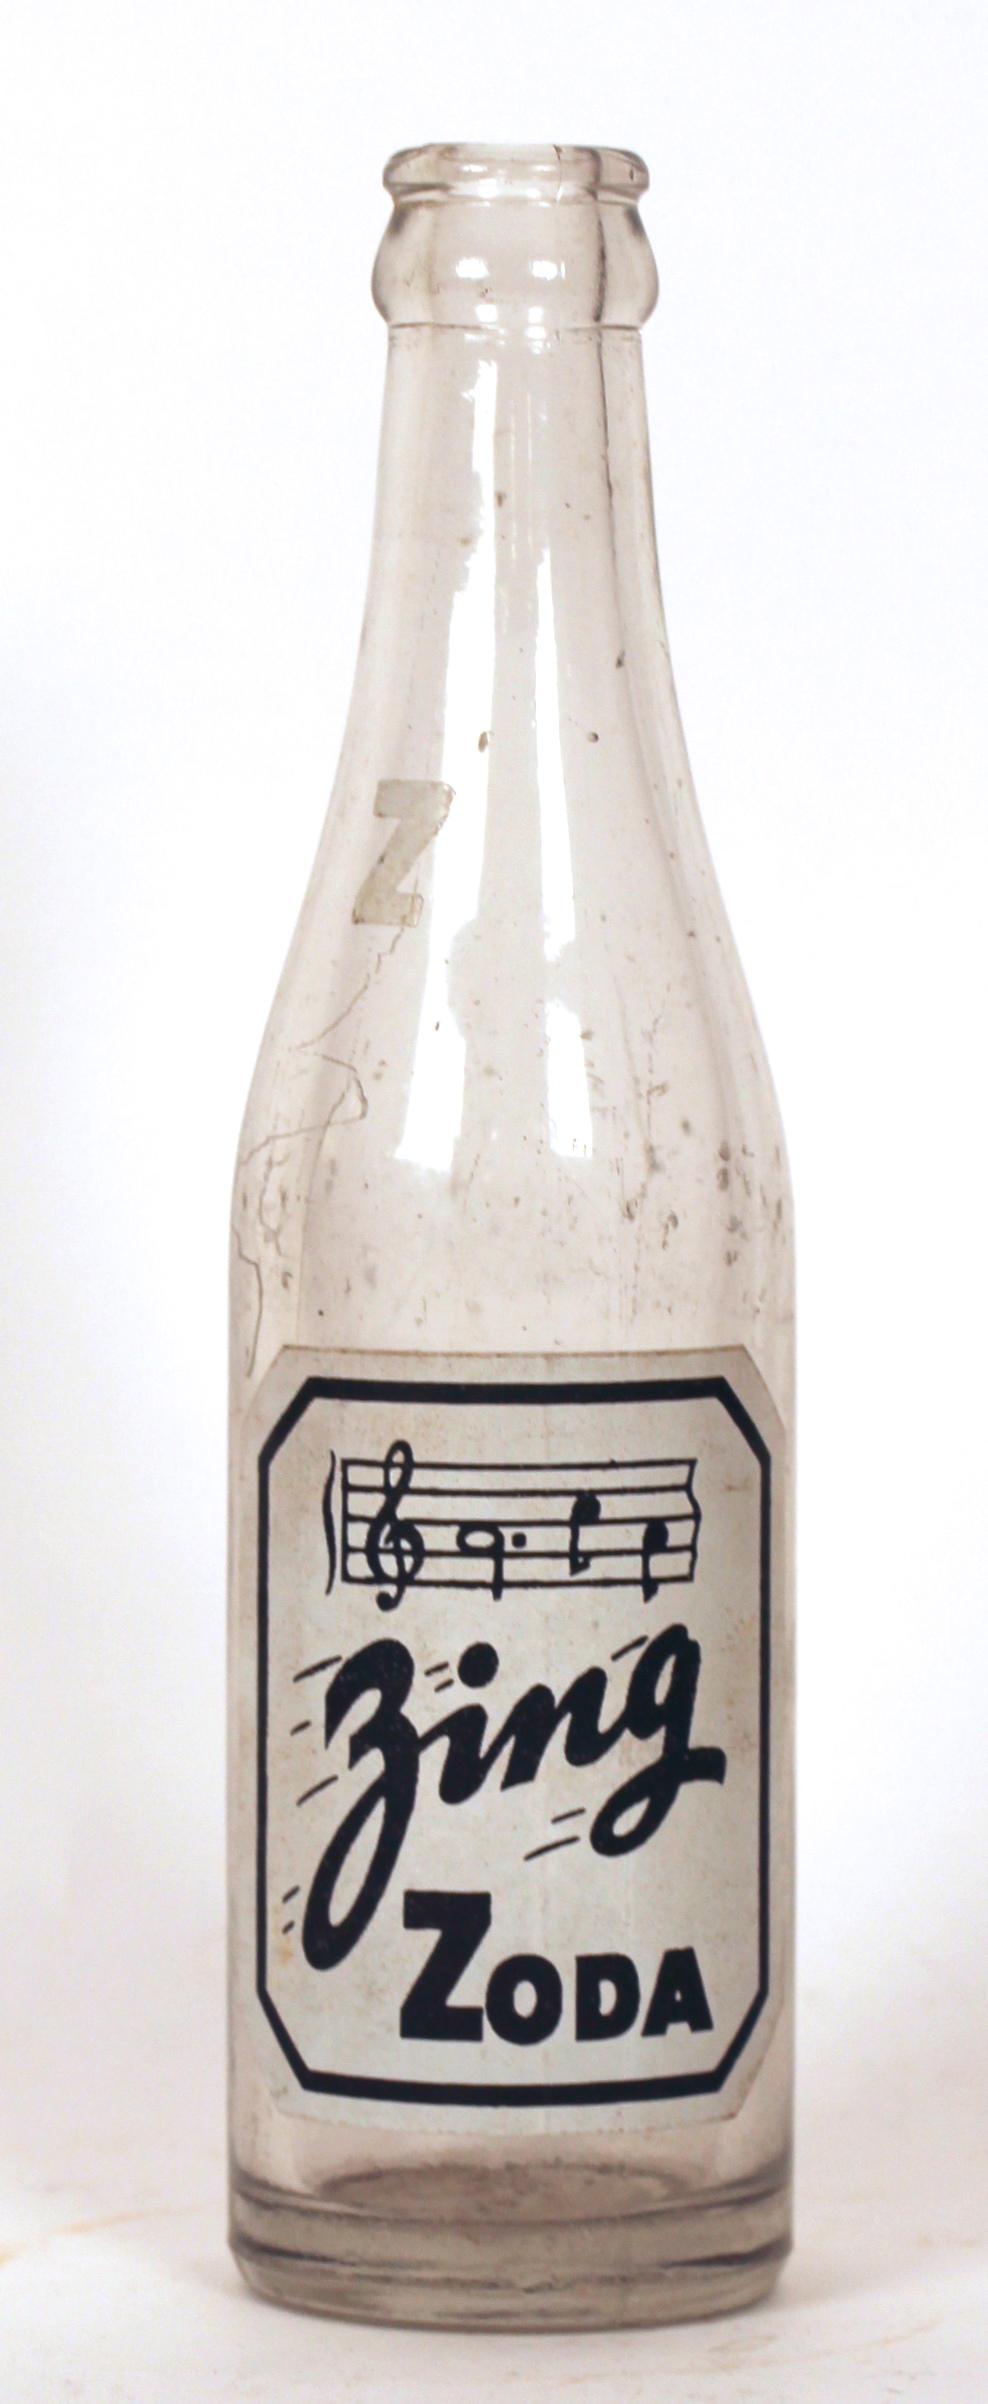 Zing Zoda Painted Label Soda Bottle, Millstadt, IL 1935